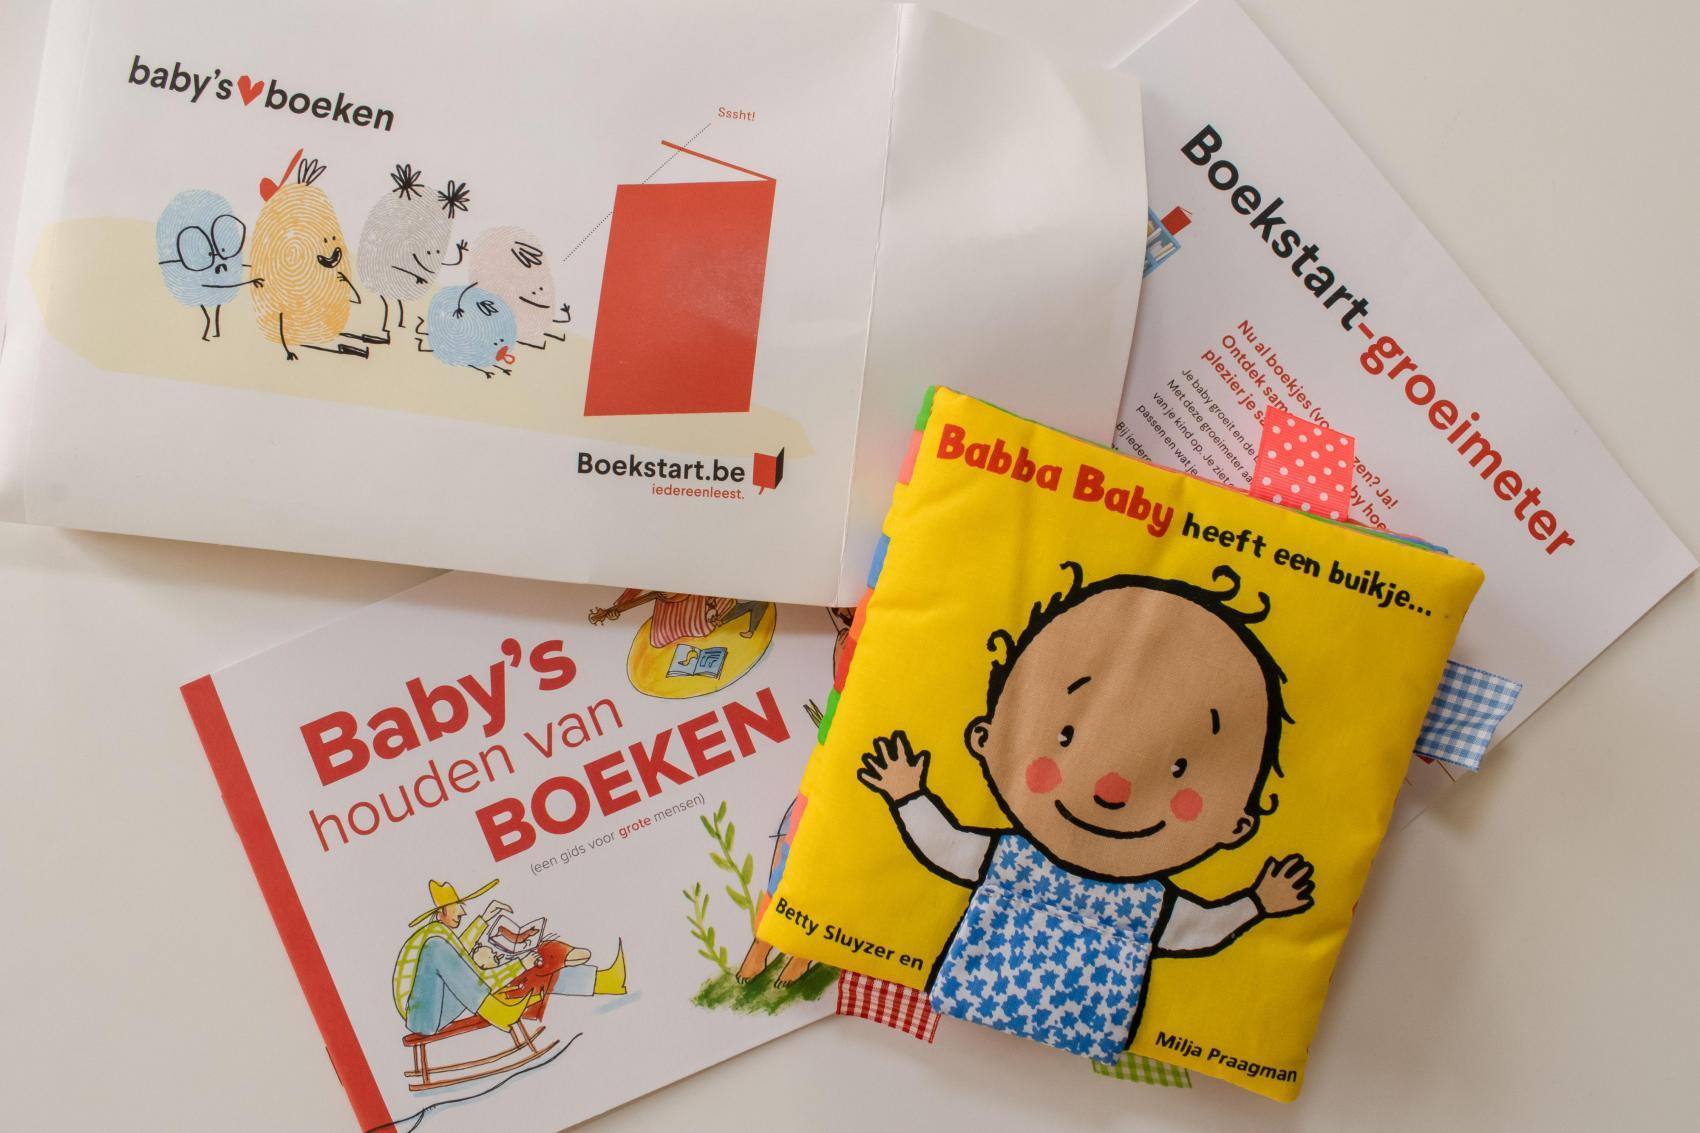 Boekstart-babypakket